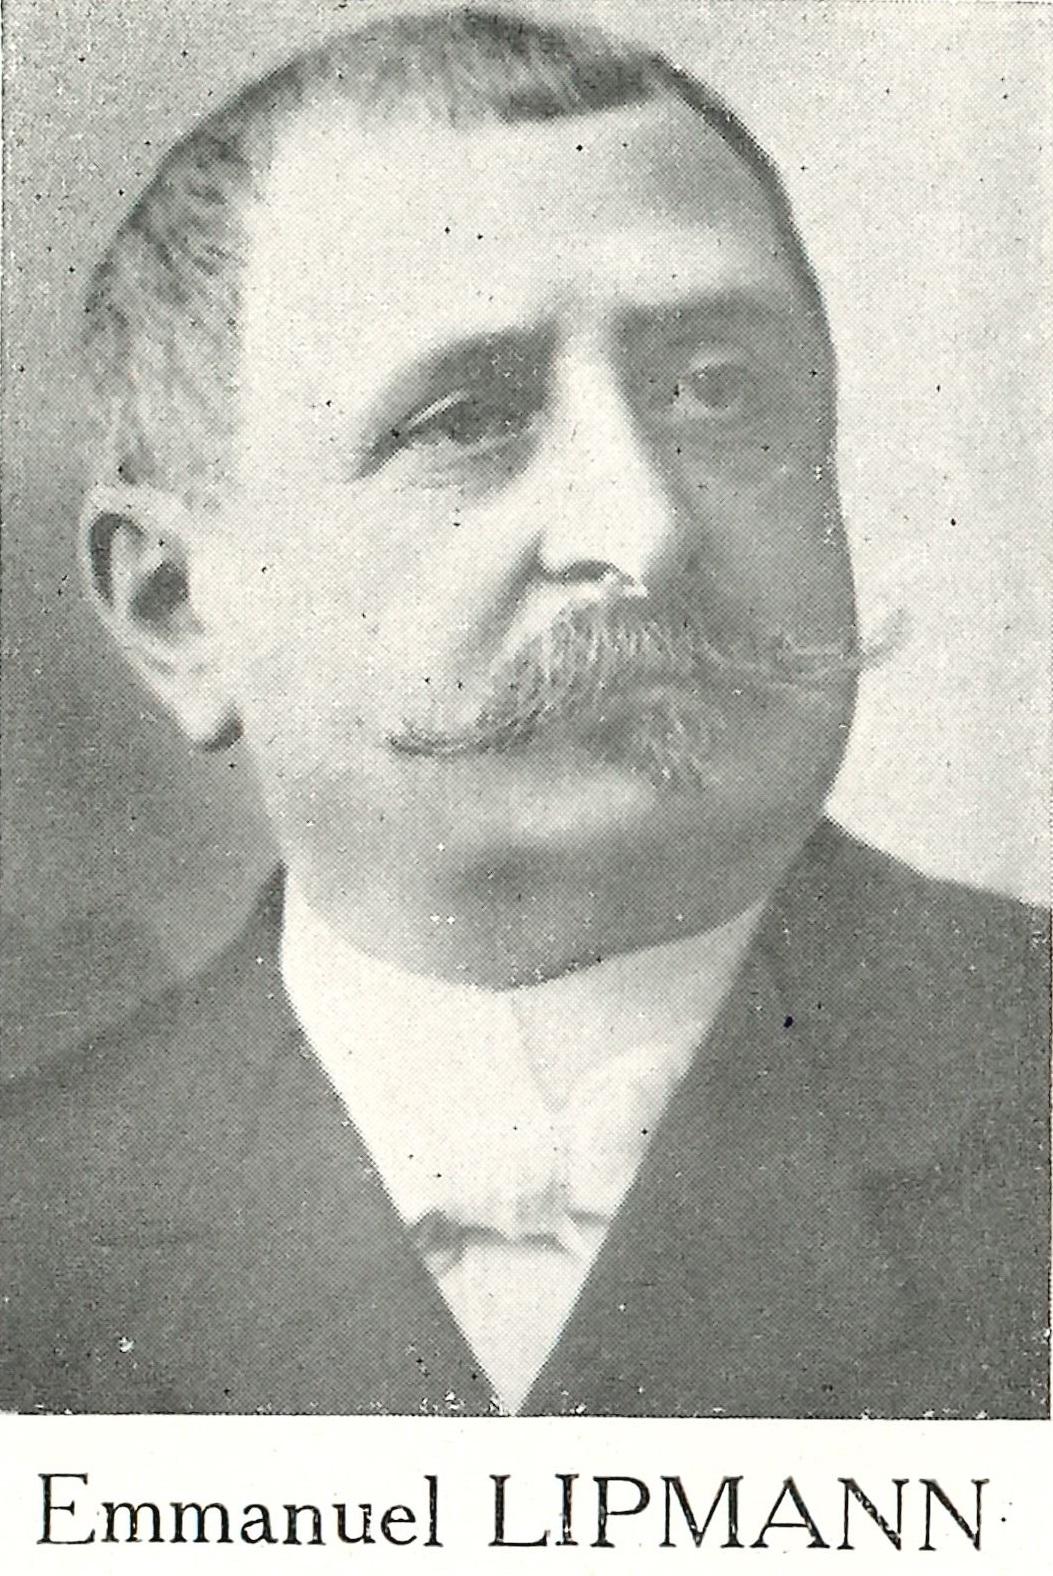 Emmanuel LIPMANN photographie fin du XIXe 19 e siècle montre Lip Besançon